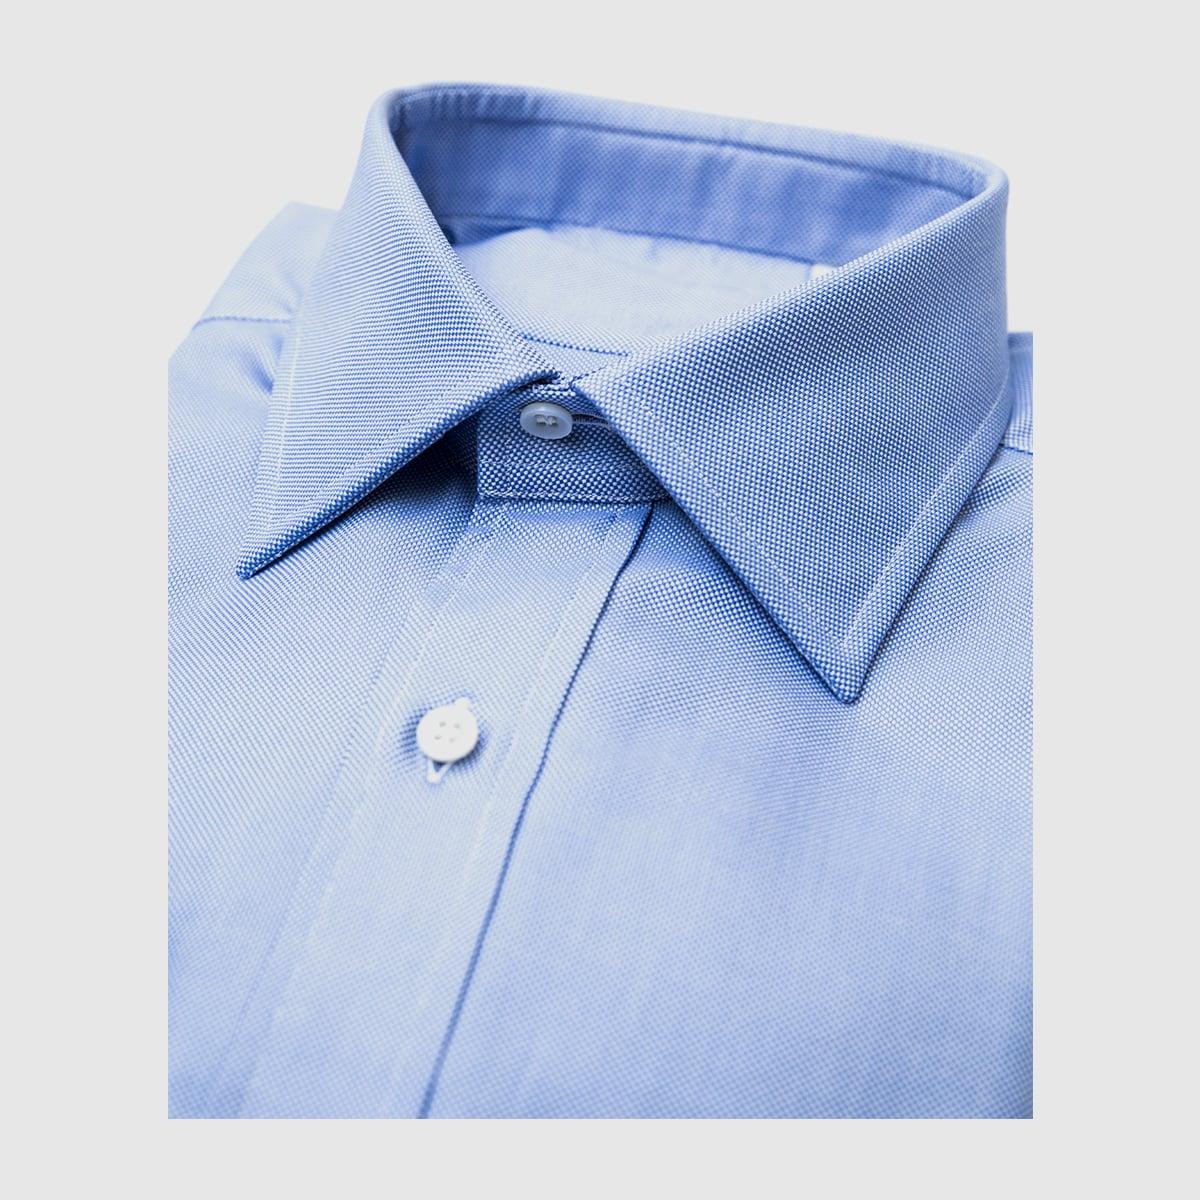 Azure Oxford shirt